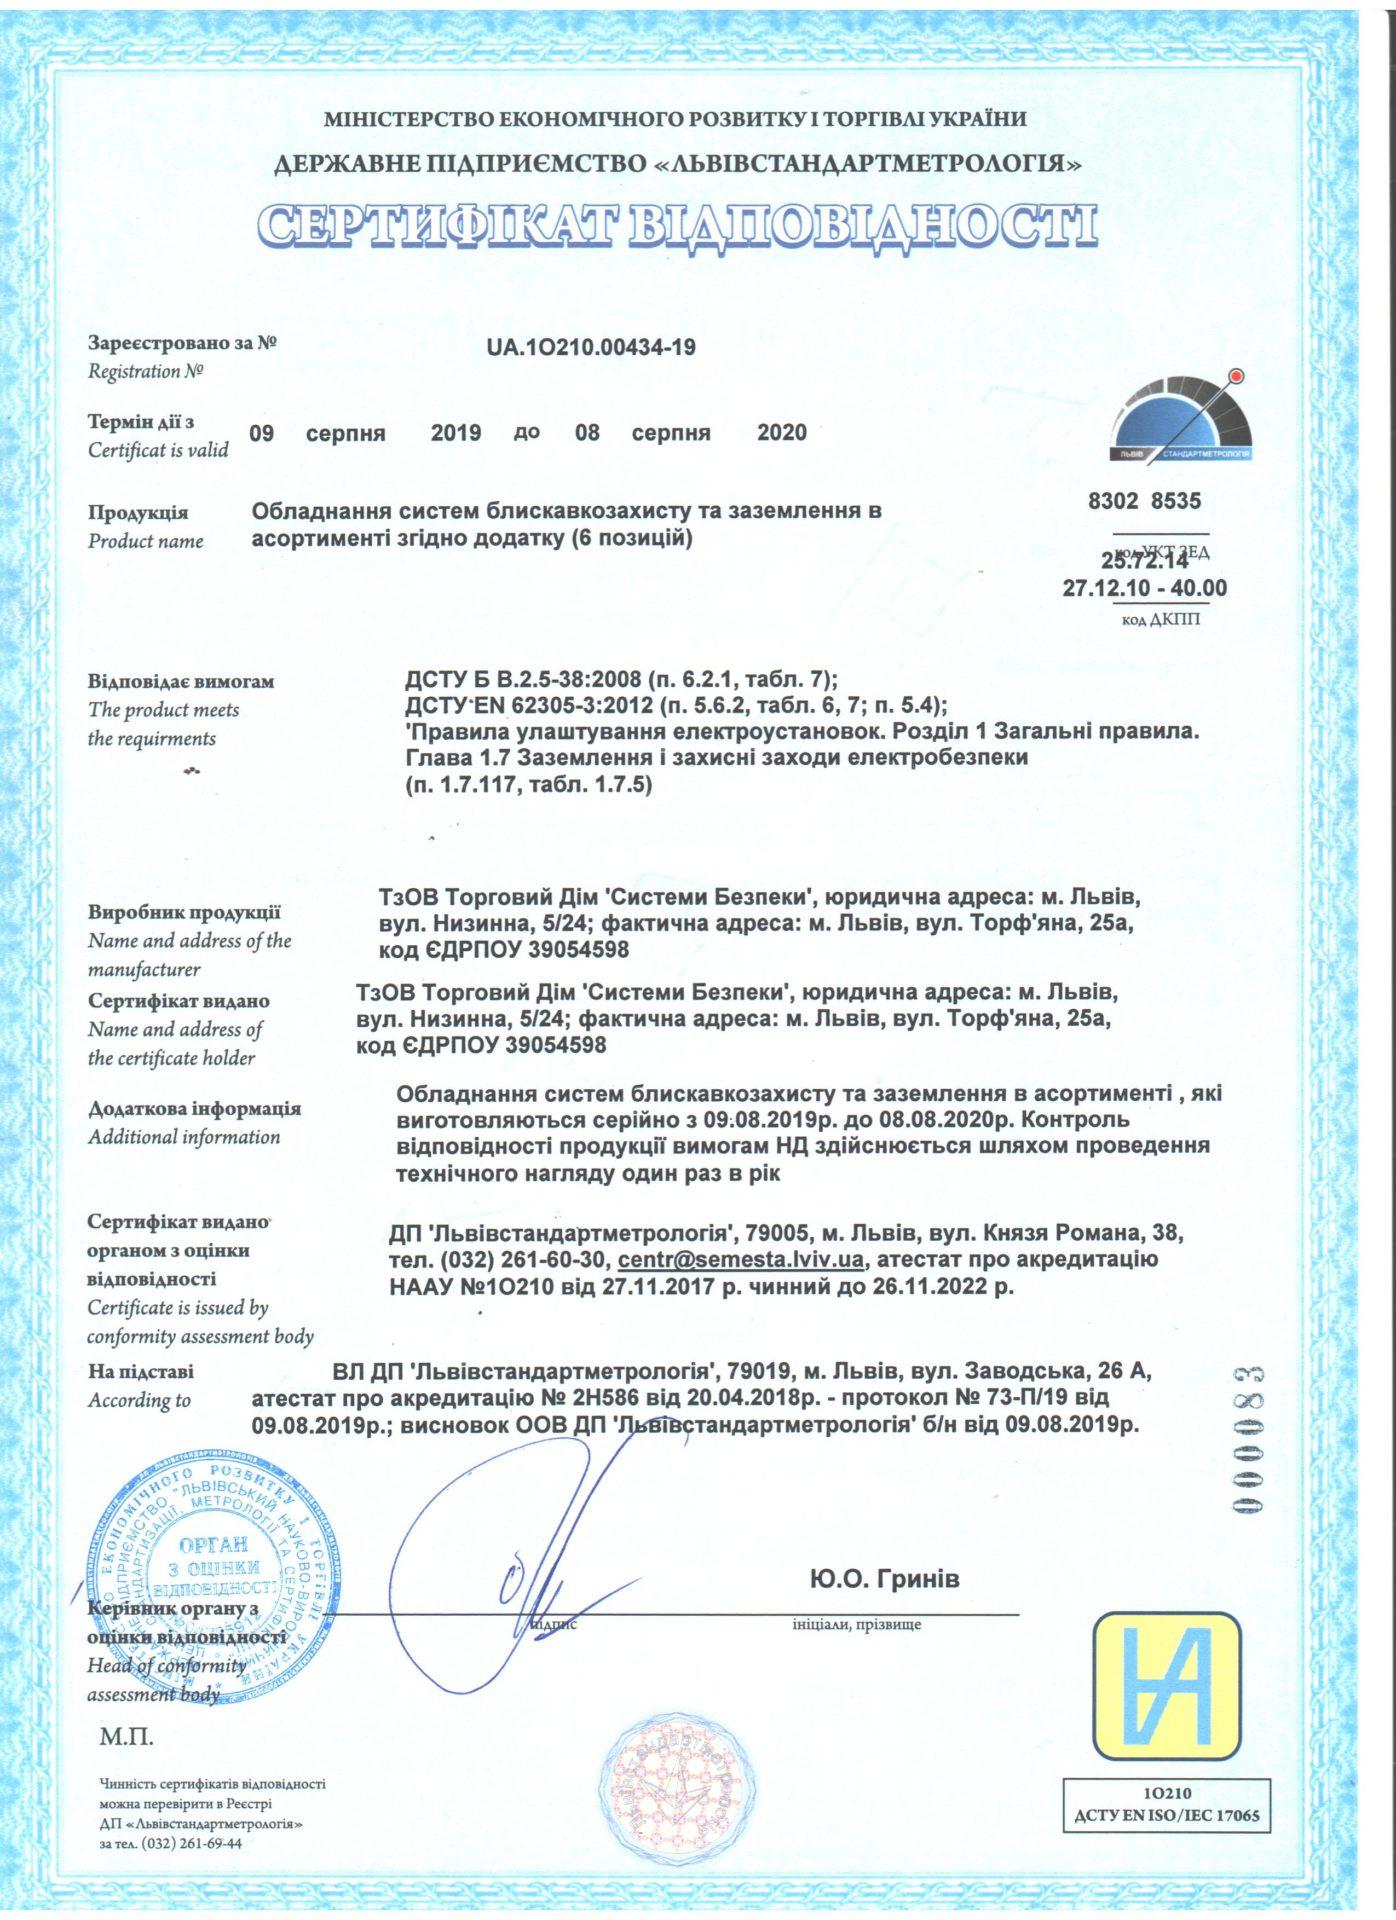 сертифікат FS 1